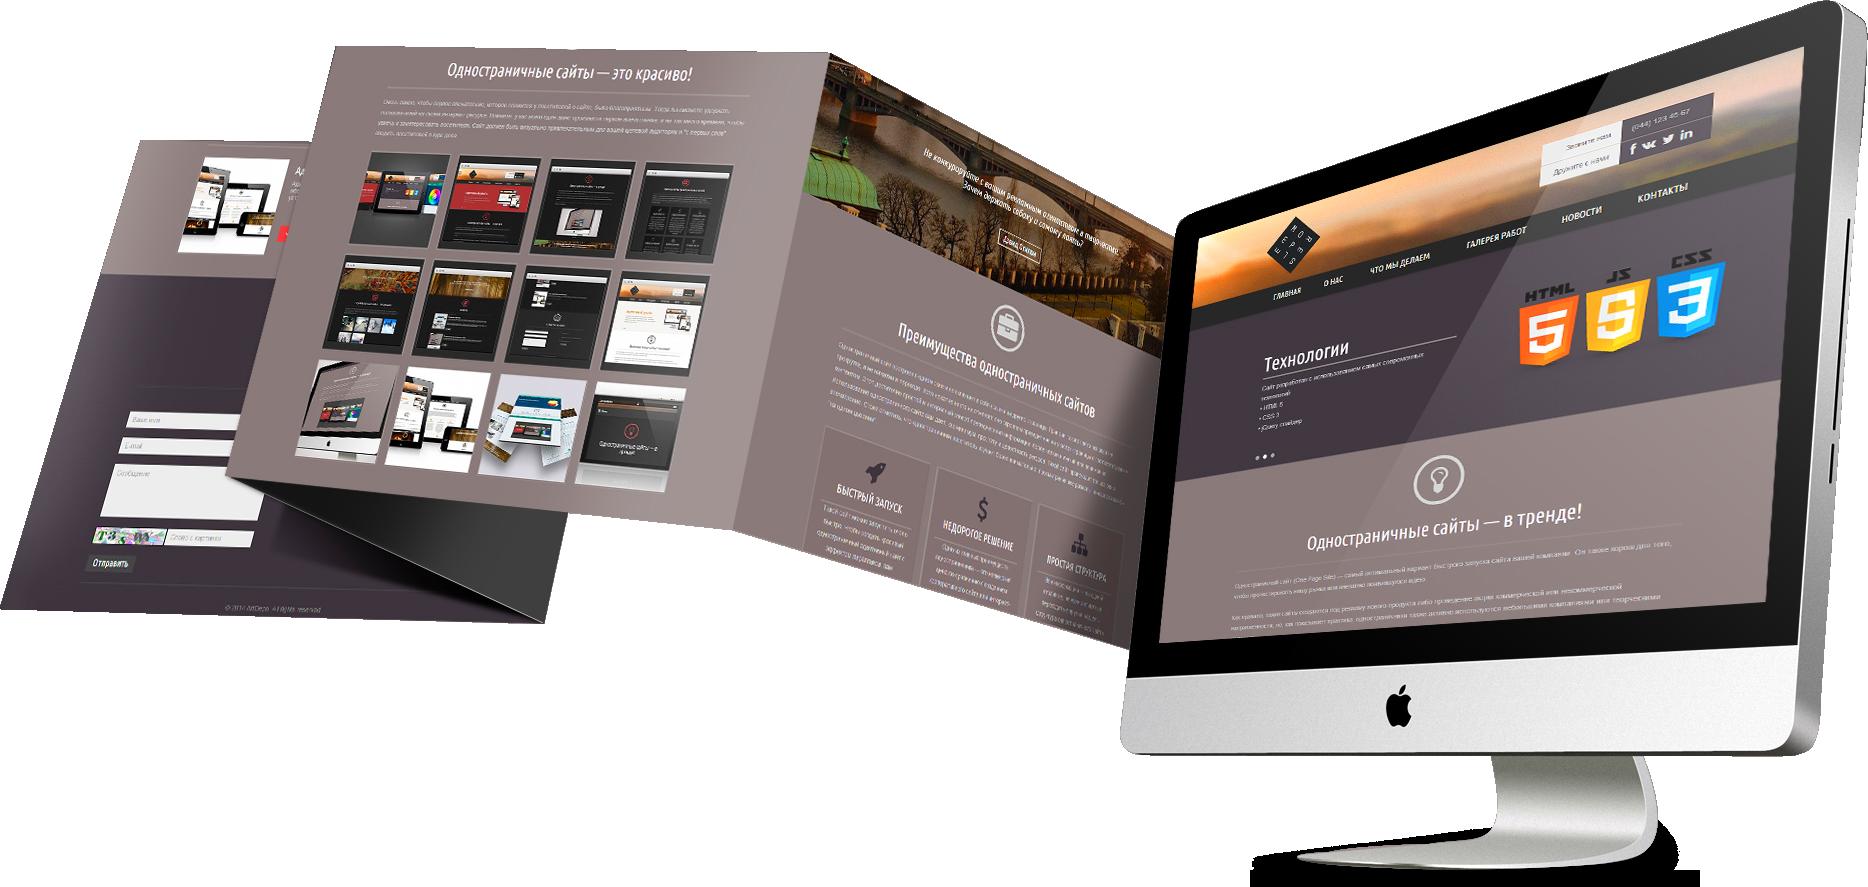 Разработка сайта создание визиток северная лесная компания киров сайт